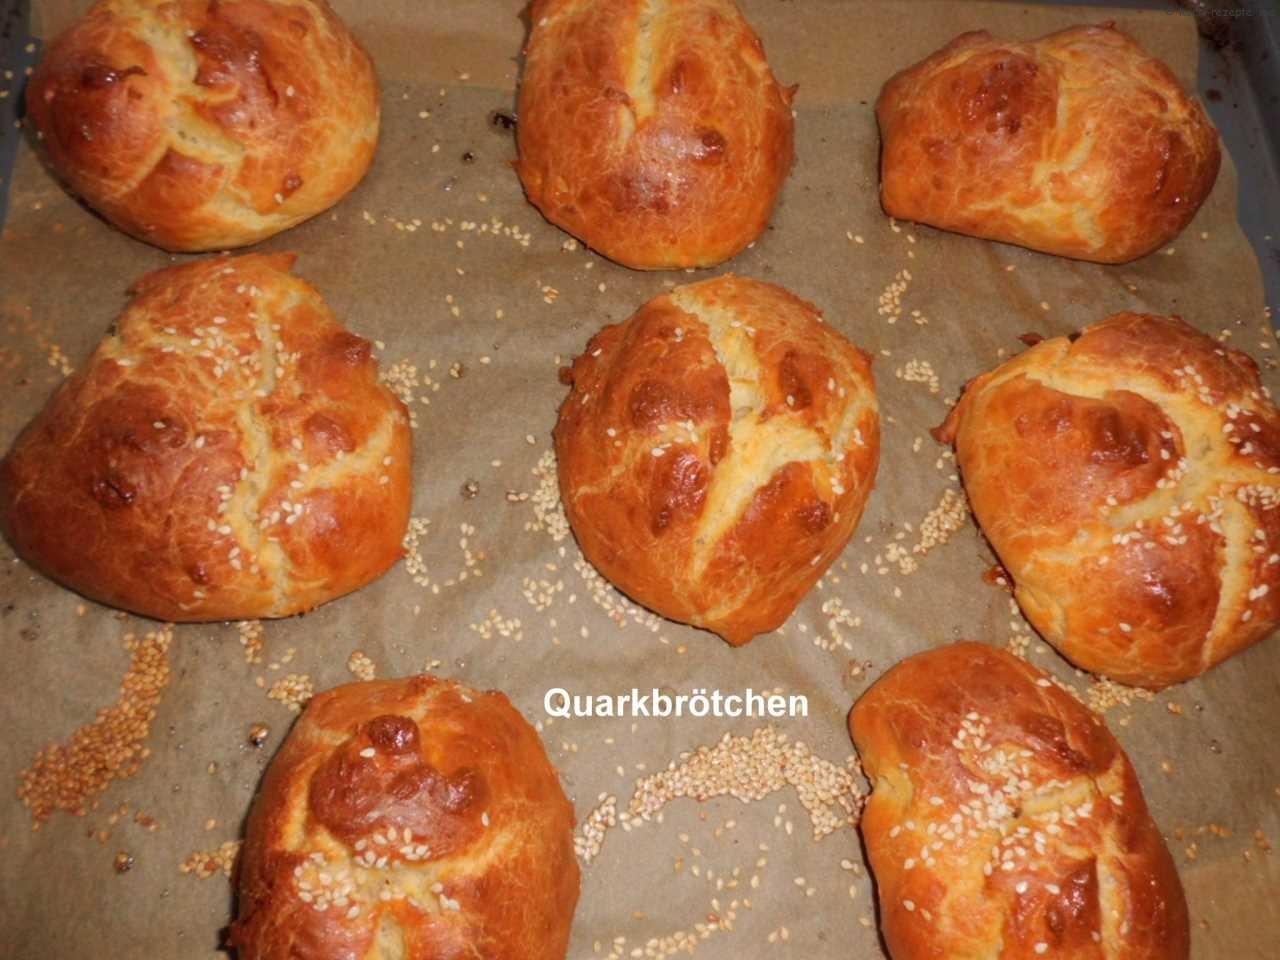 nach 25-30 Minuten gebackene Quarkbrötchen (kommt auf das gewicht an)